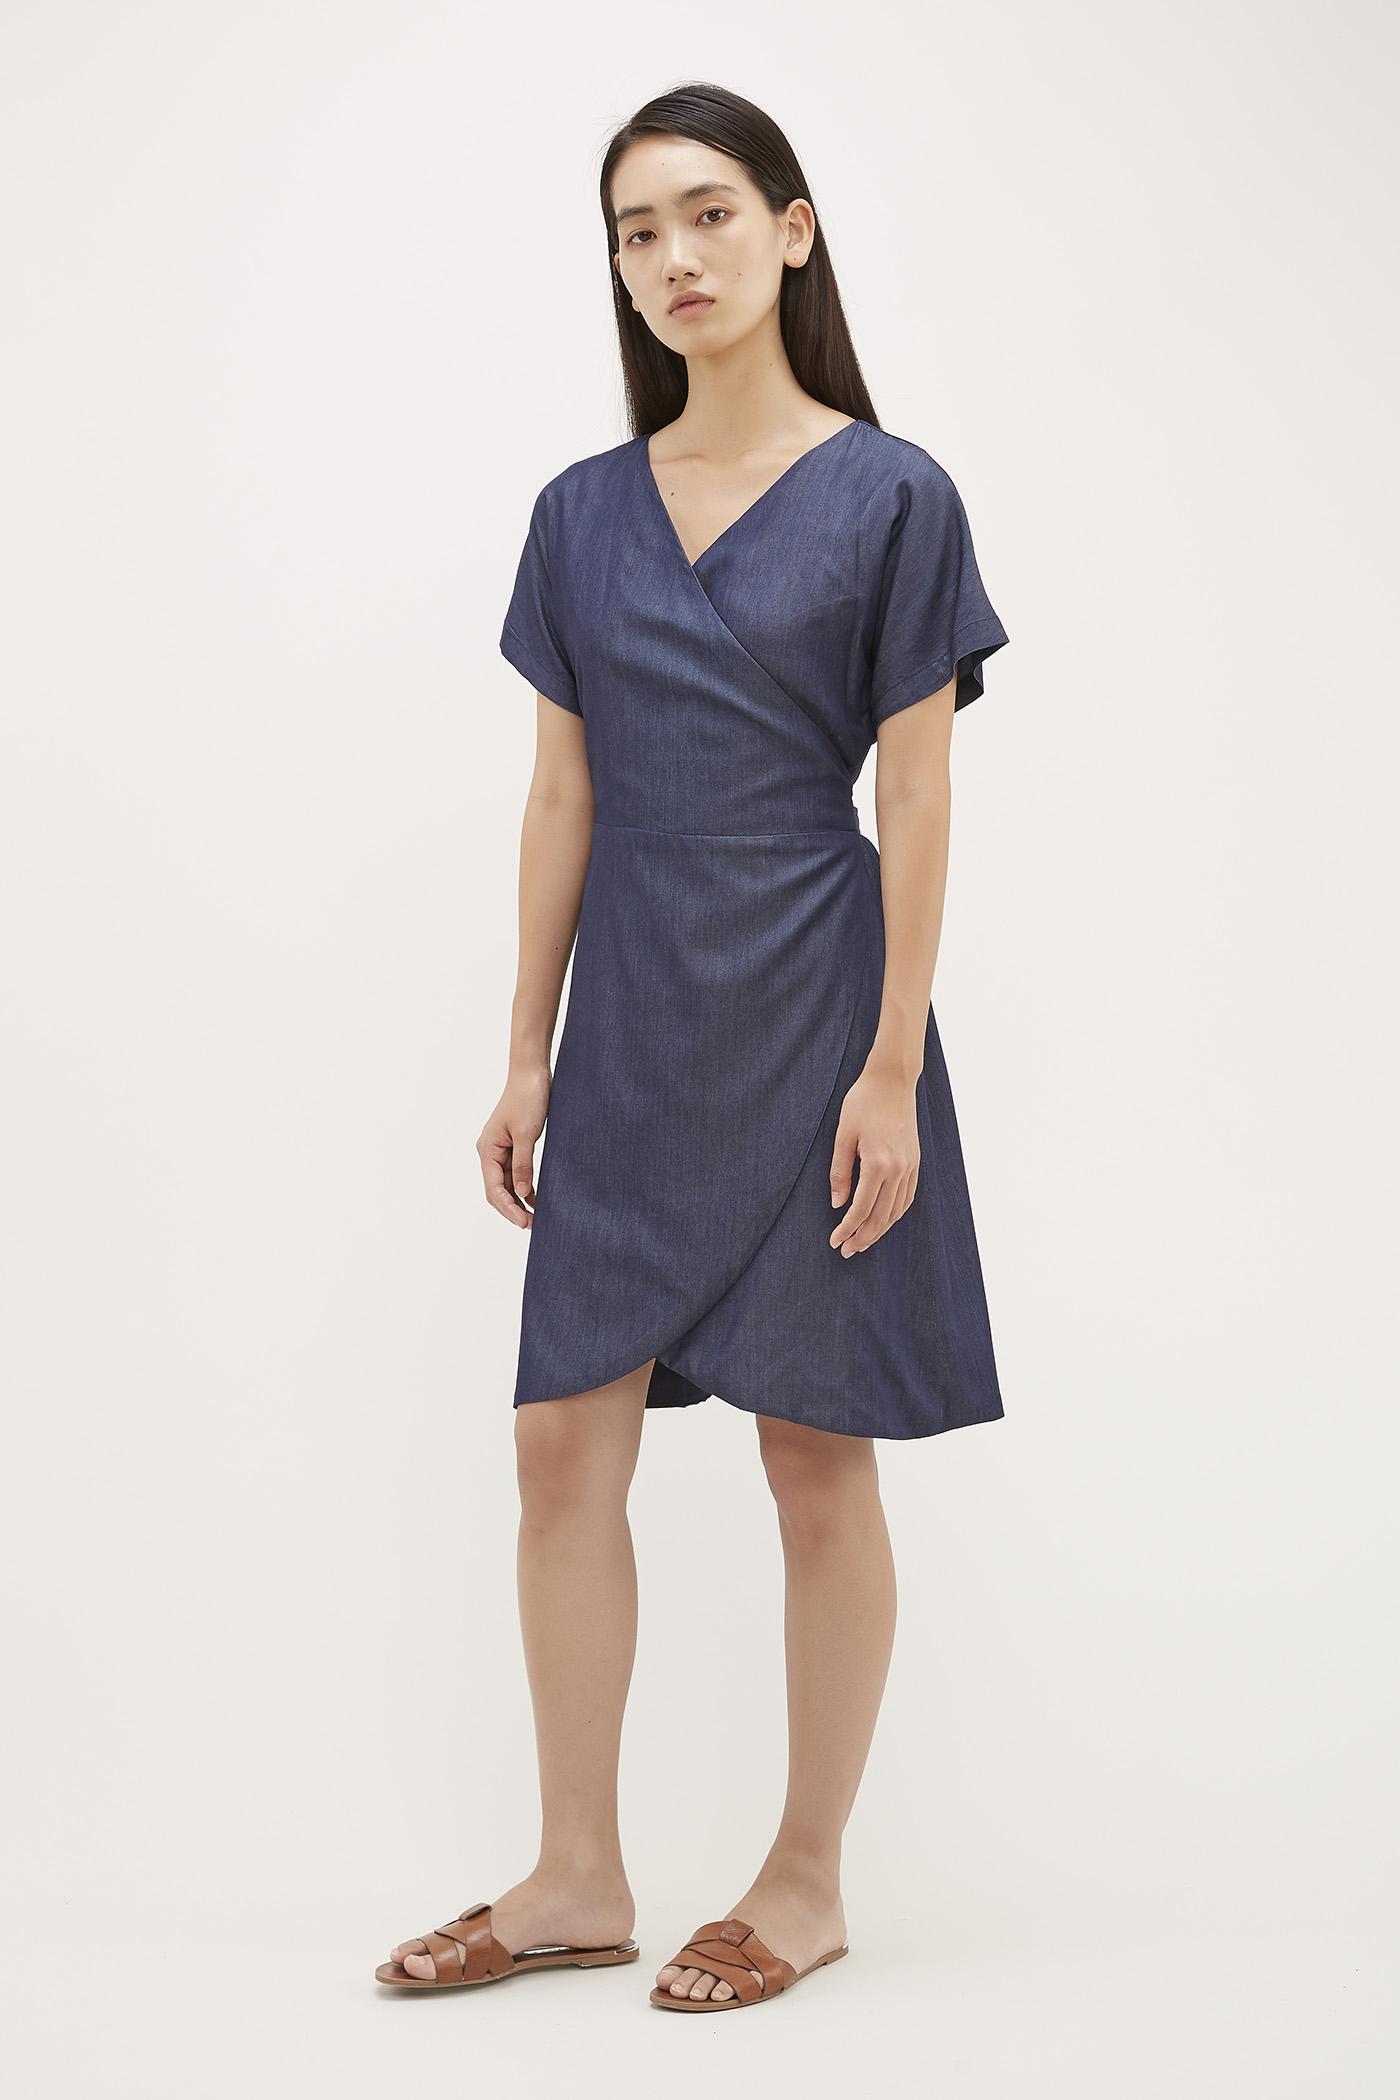 Emrys Wrap Dress